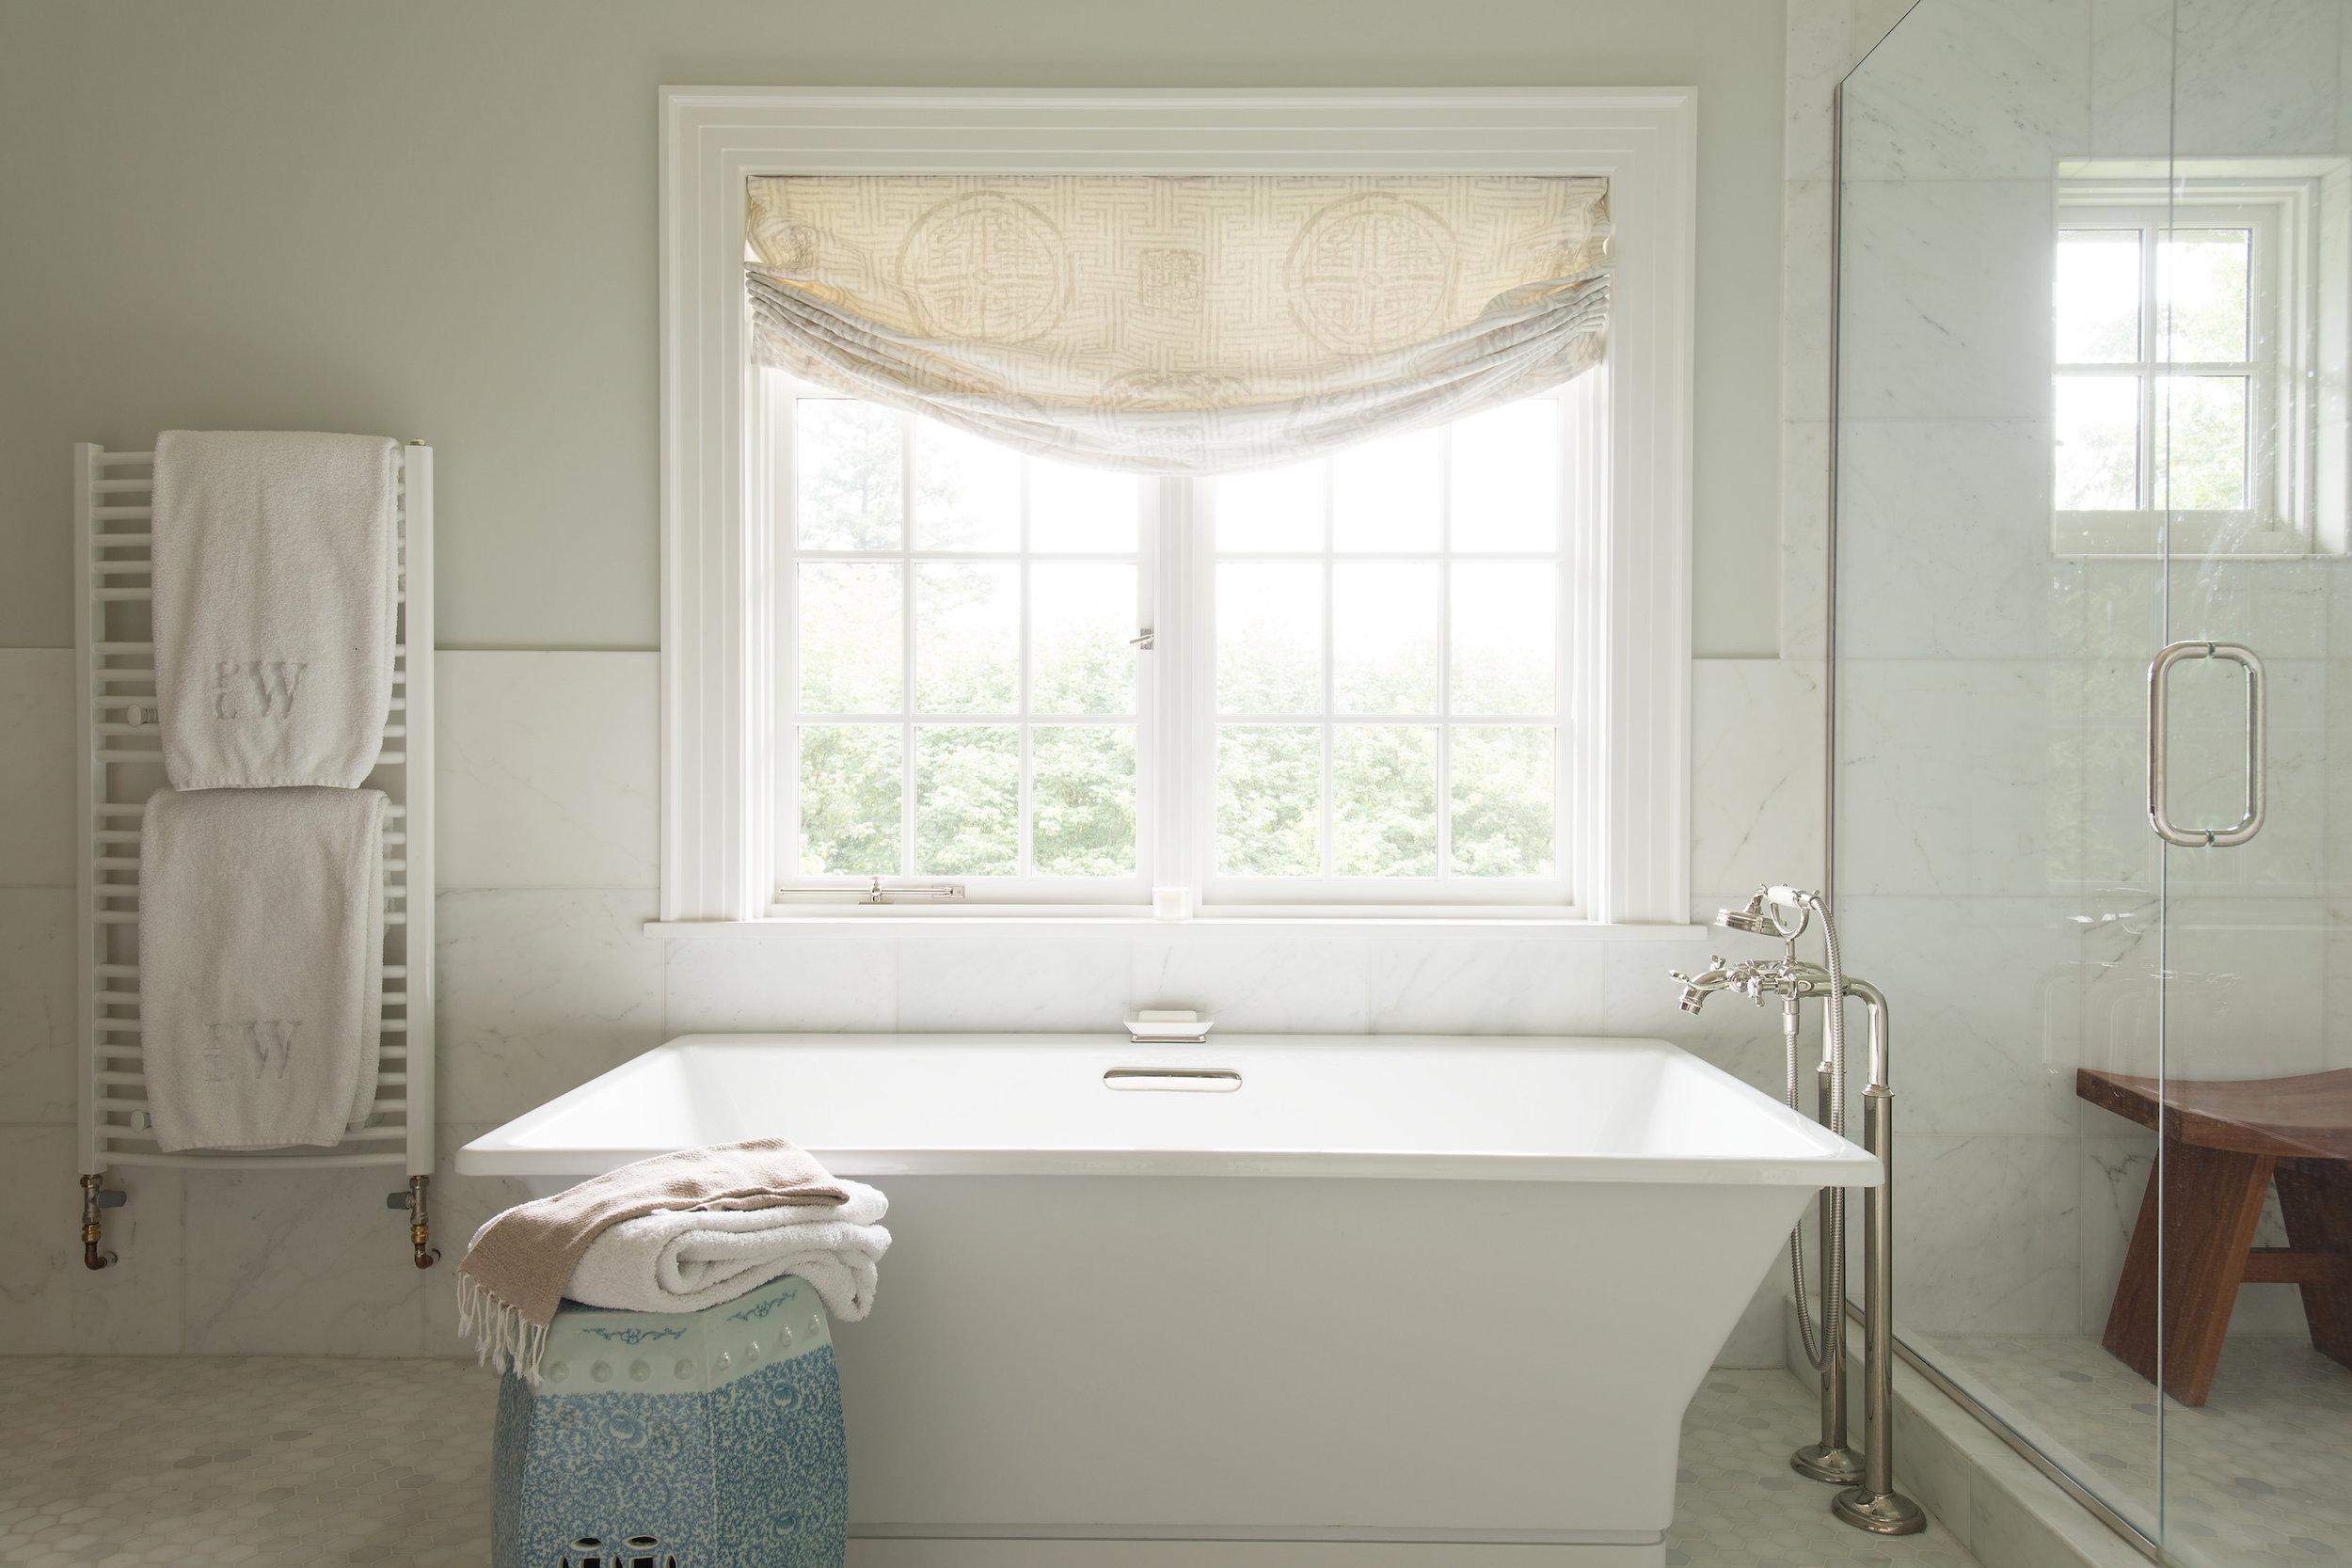 Bathtub design by Jenni Leasia Interior Design in Portland